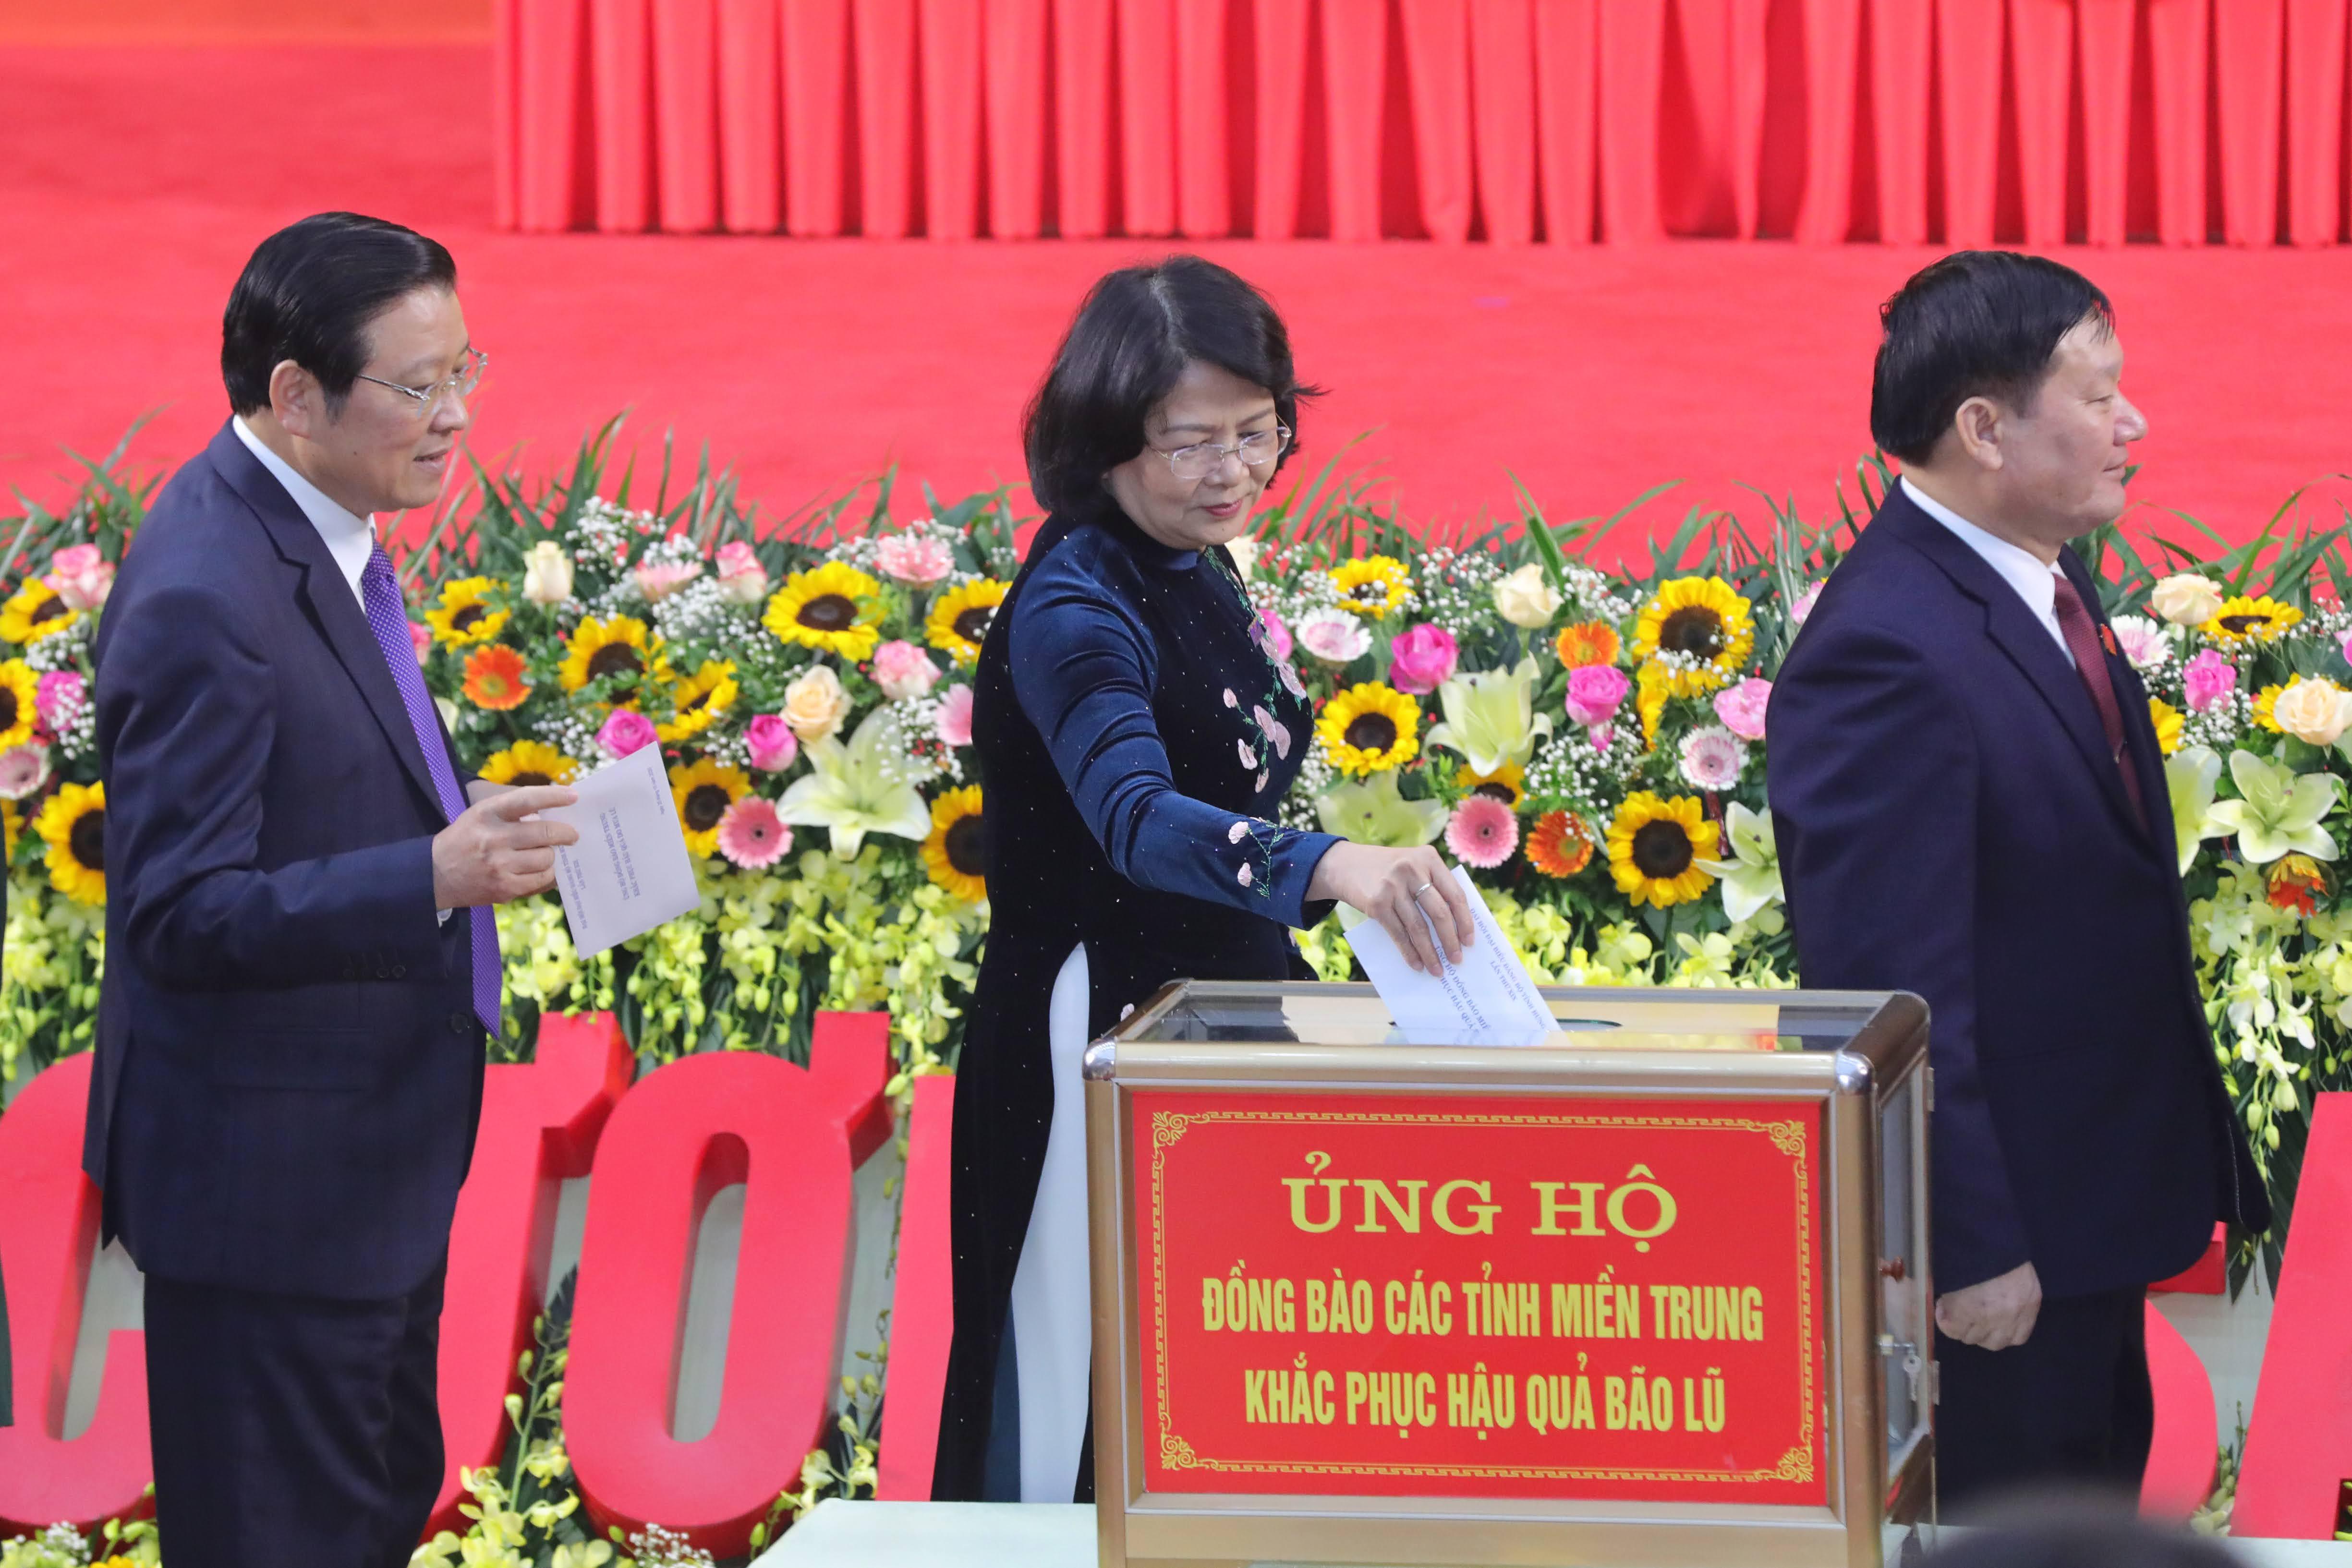 Các đại biểu quyên góp ủng hộ đồng bào miền Trung khắc phục hậu quả bão lũ. Ảnh: Quang Vinh.